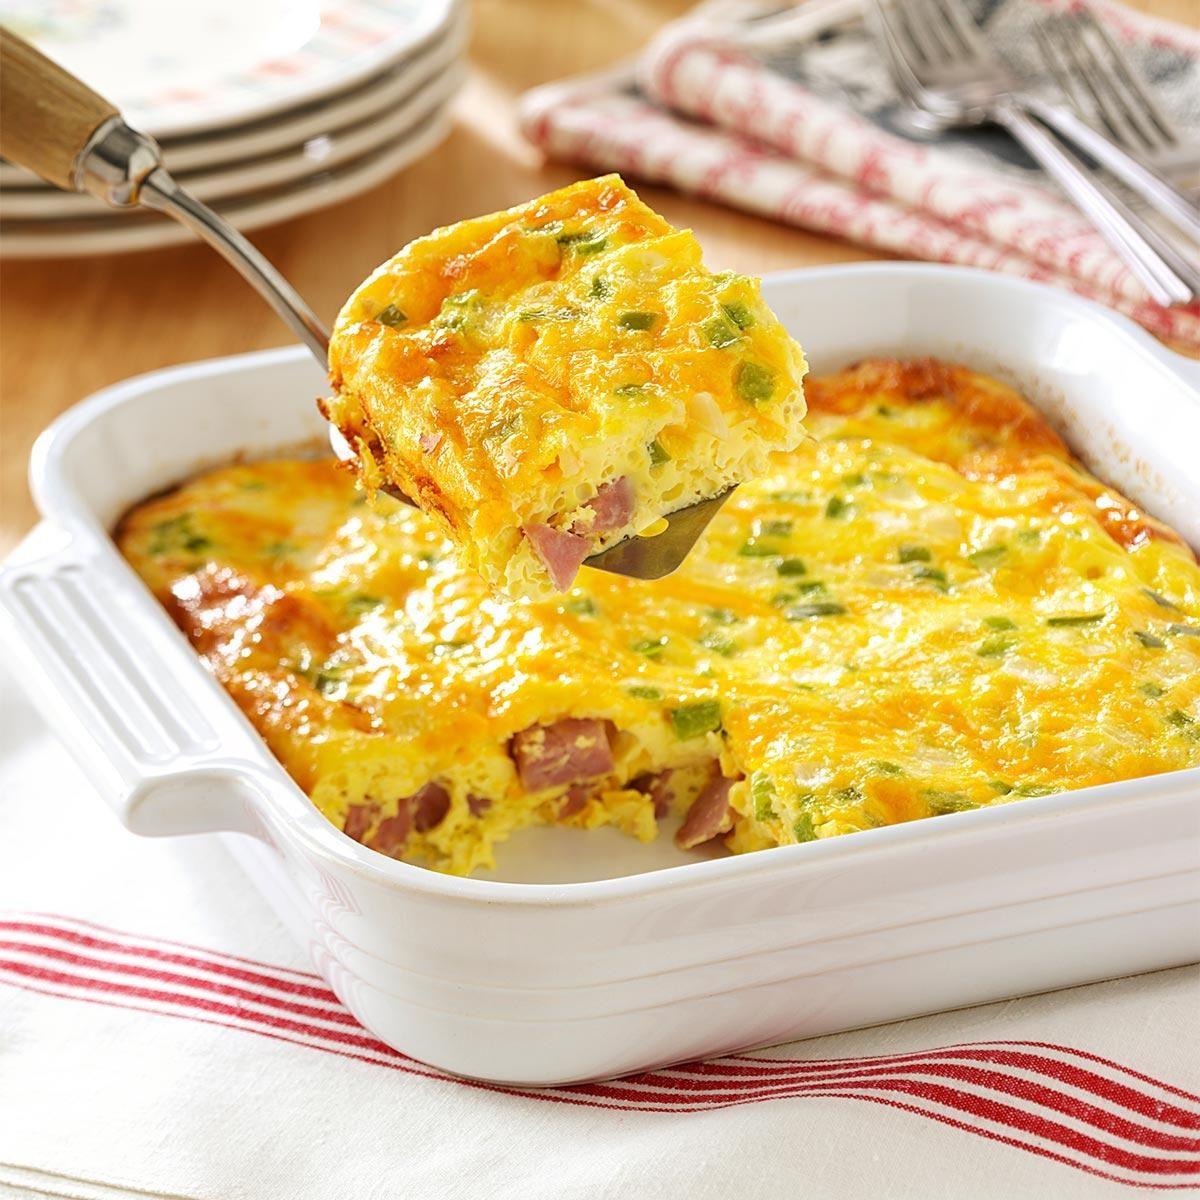 Oven Denver Omelet Recipe | Taste of Home